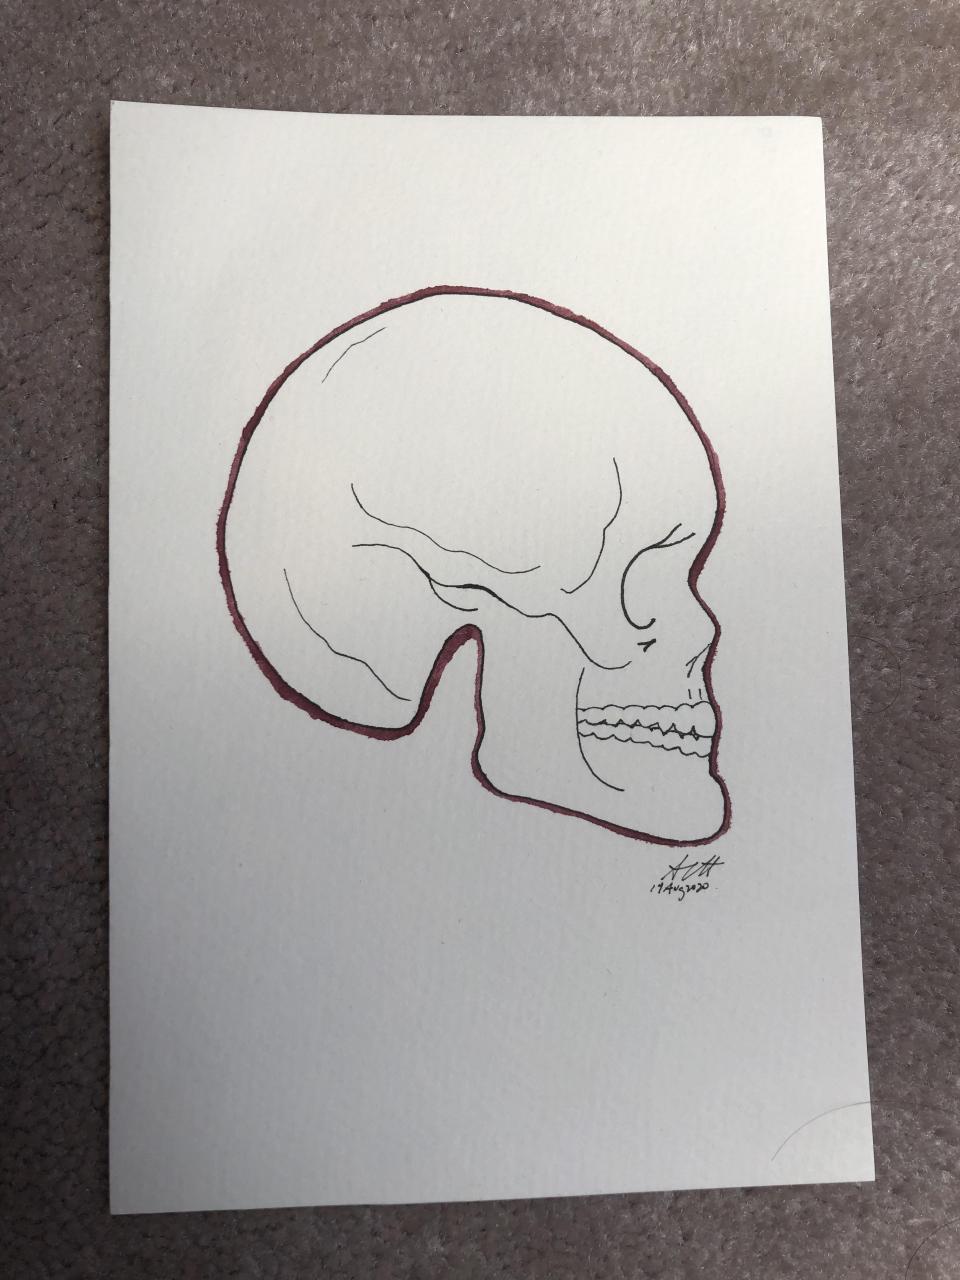 Minimalist skull with outline [OC]